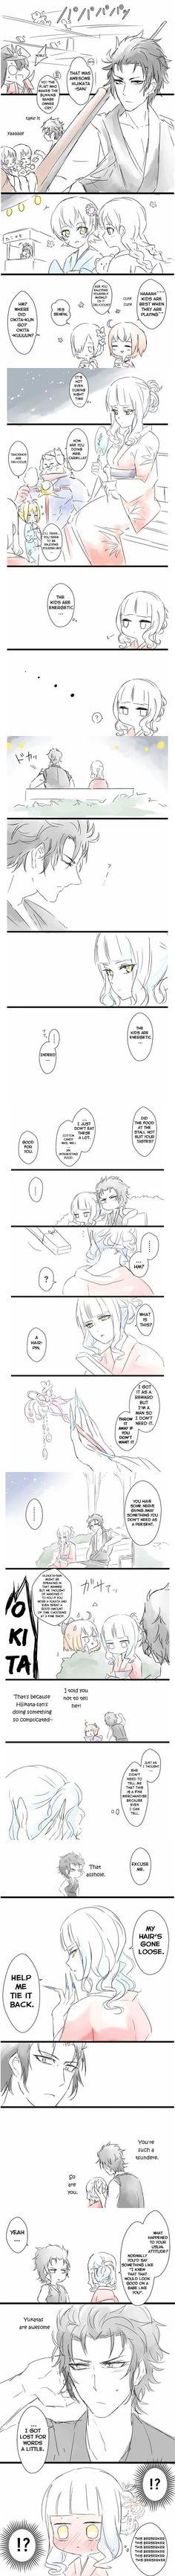 Hijikata x Carmilla hahahahaha nice one Okita!!